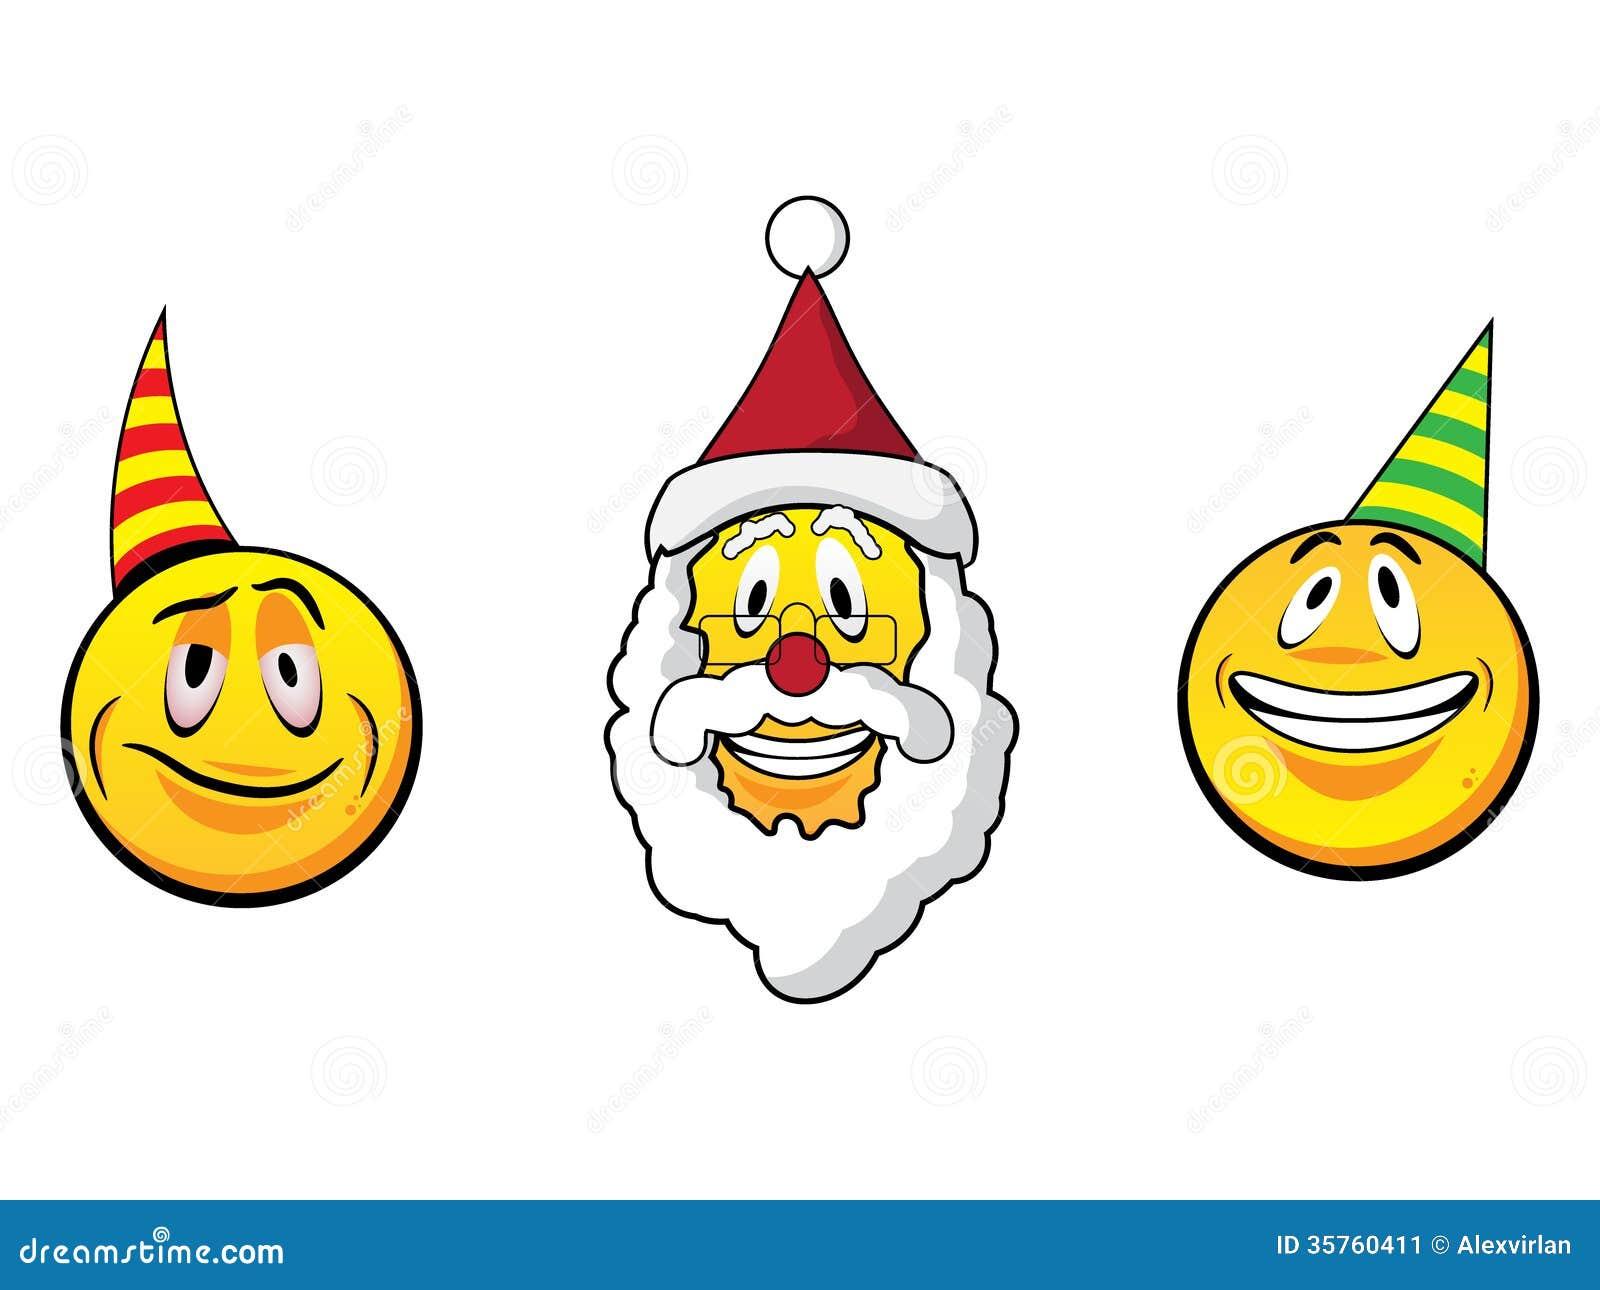 clip art christmas smiley face - photo #7